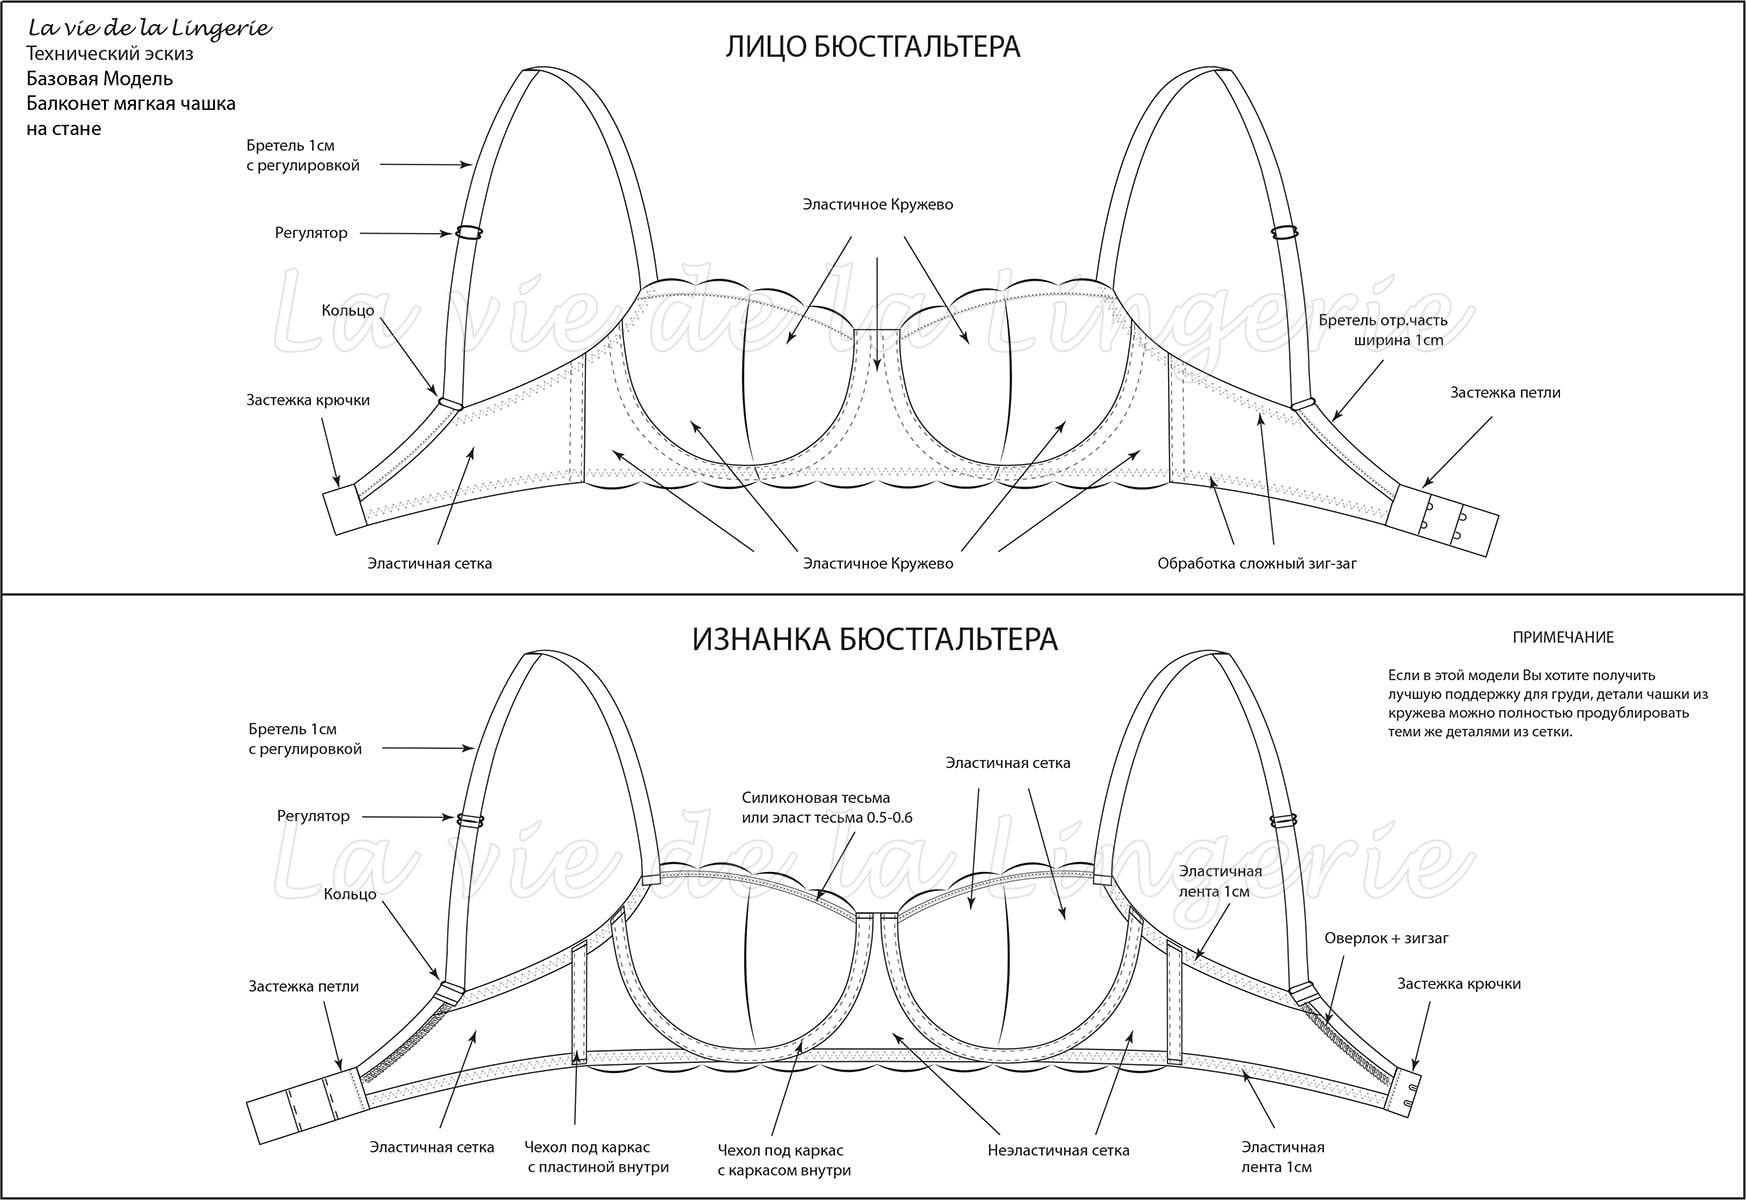 """Техническое описание для модели """"Бюстгальтер Балконет мягкая чашка на стане"""""""